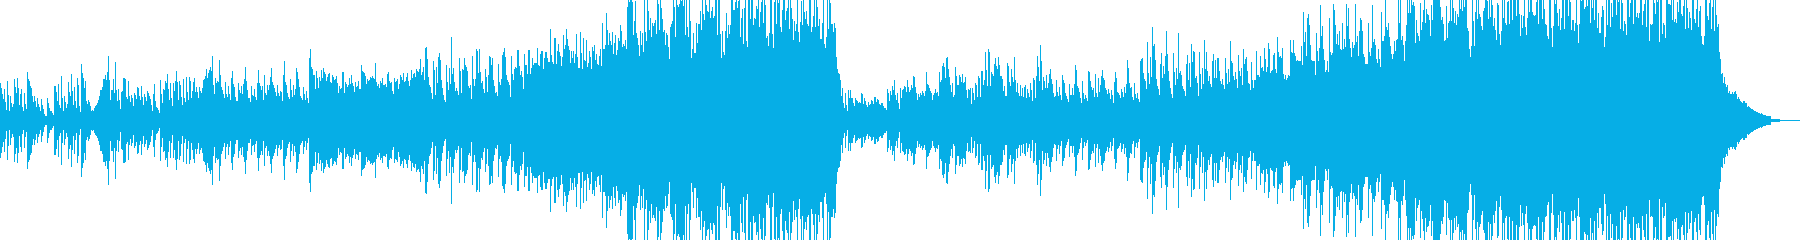 鼓動・命を感じる演出に適した…02:30の再生済みの波形